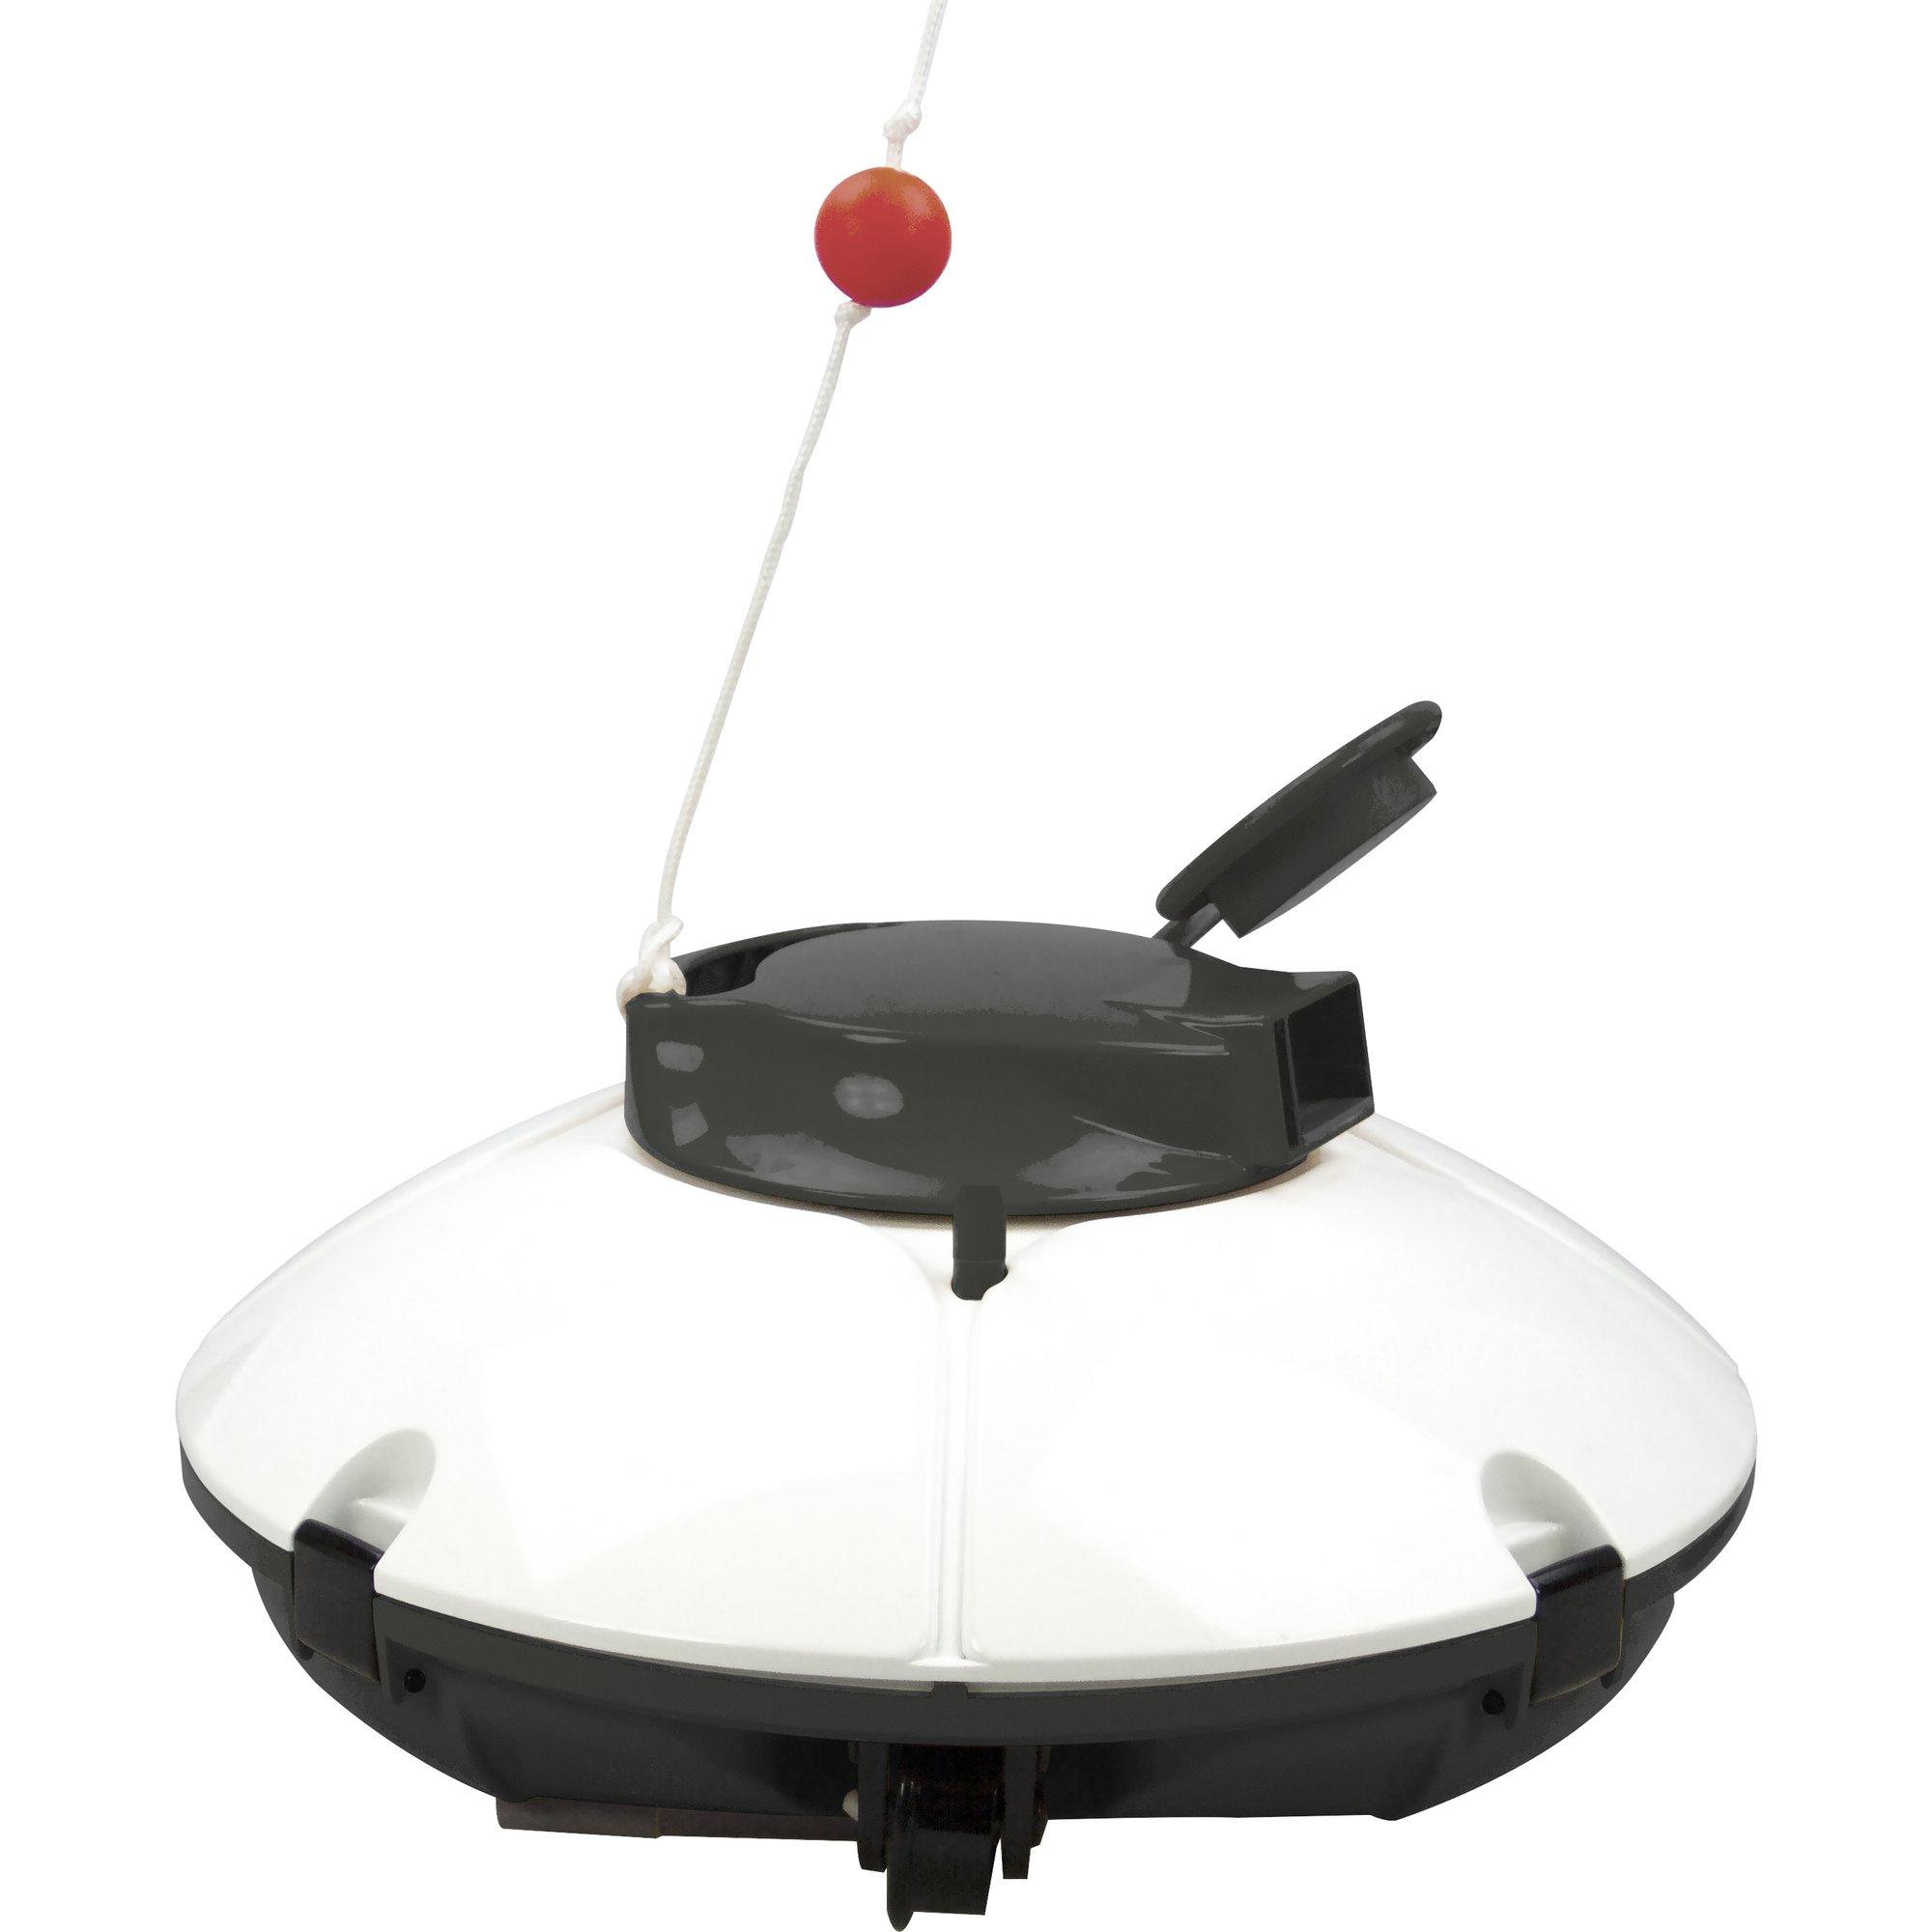 Swim & Fun Frisbee FX2 poolrobot